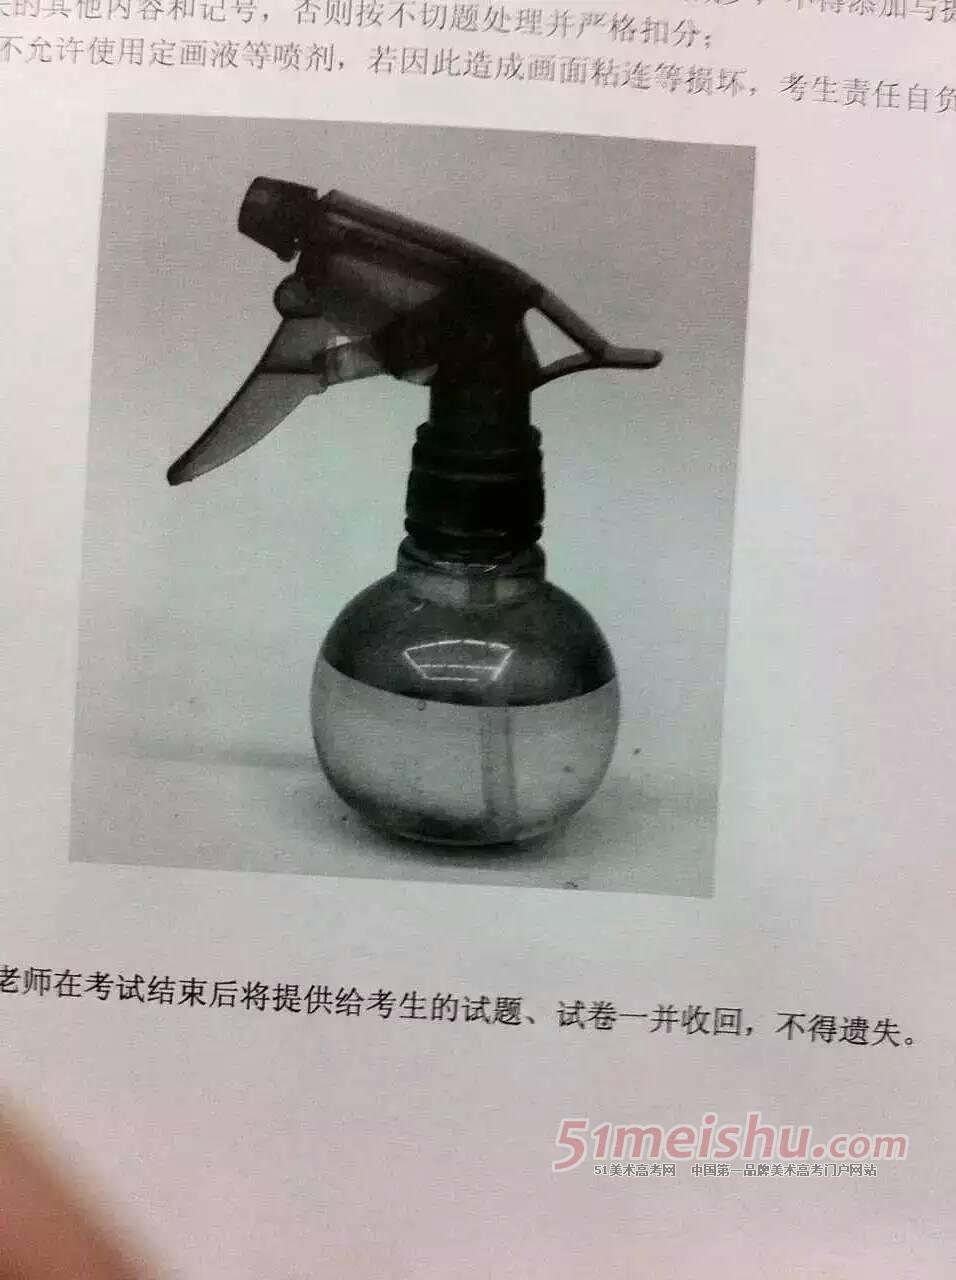 四川美术学院2016年设计类校考考题(重庆考点)图片